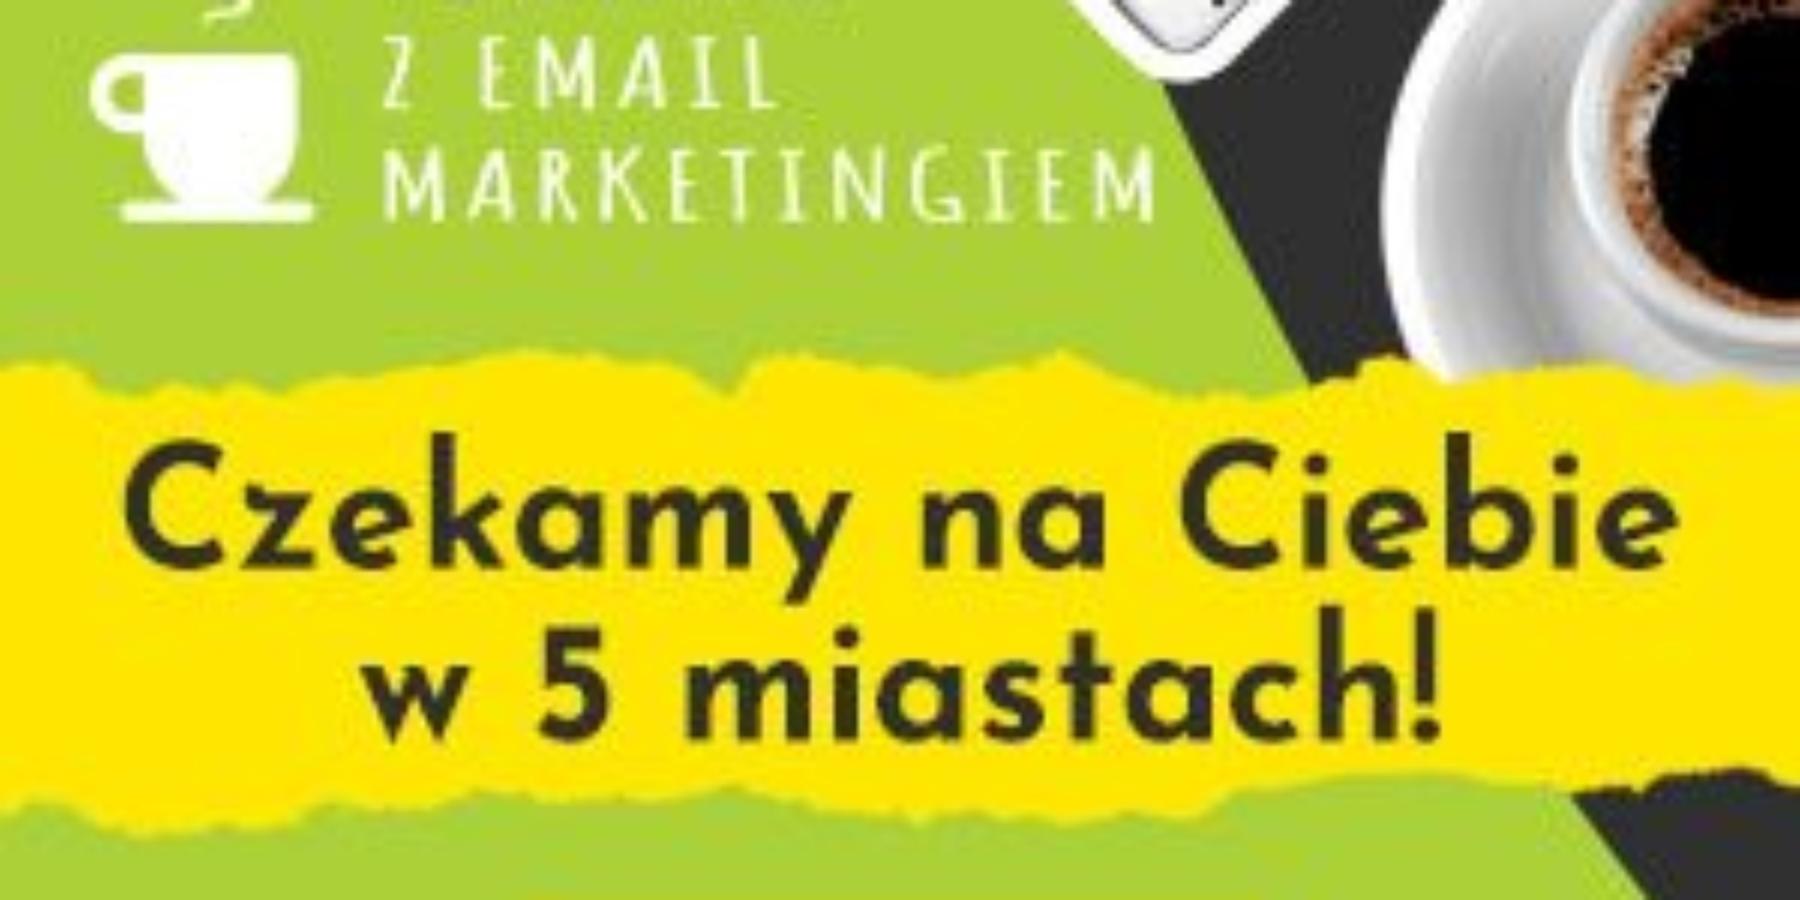 Ruszyły zapisy naPoranki zemail marketingiem